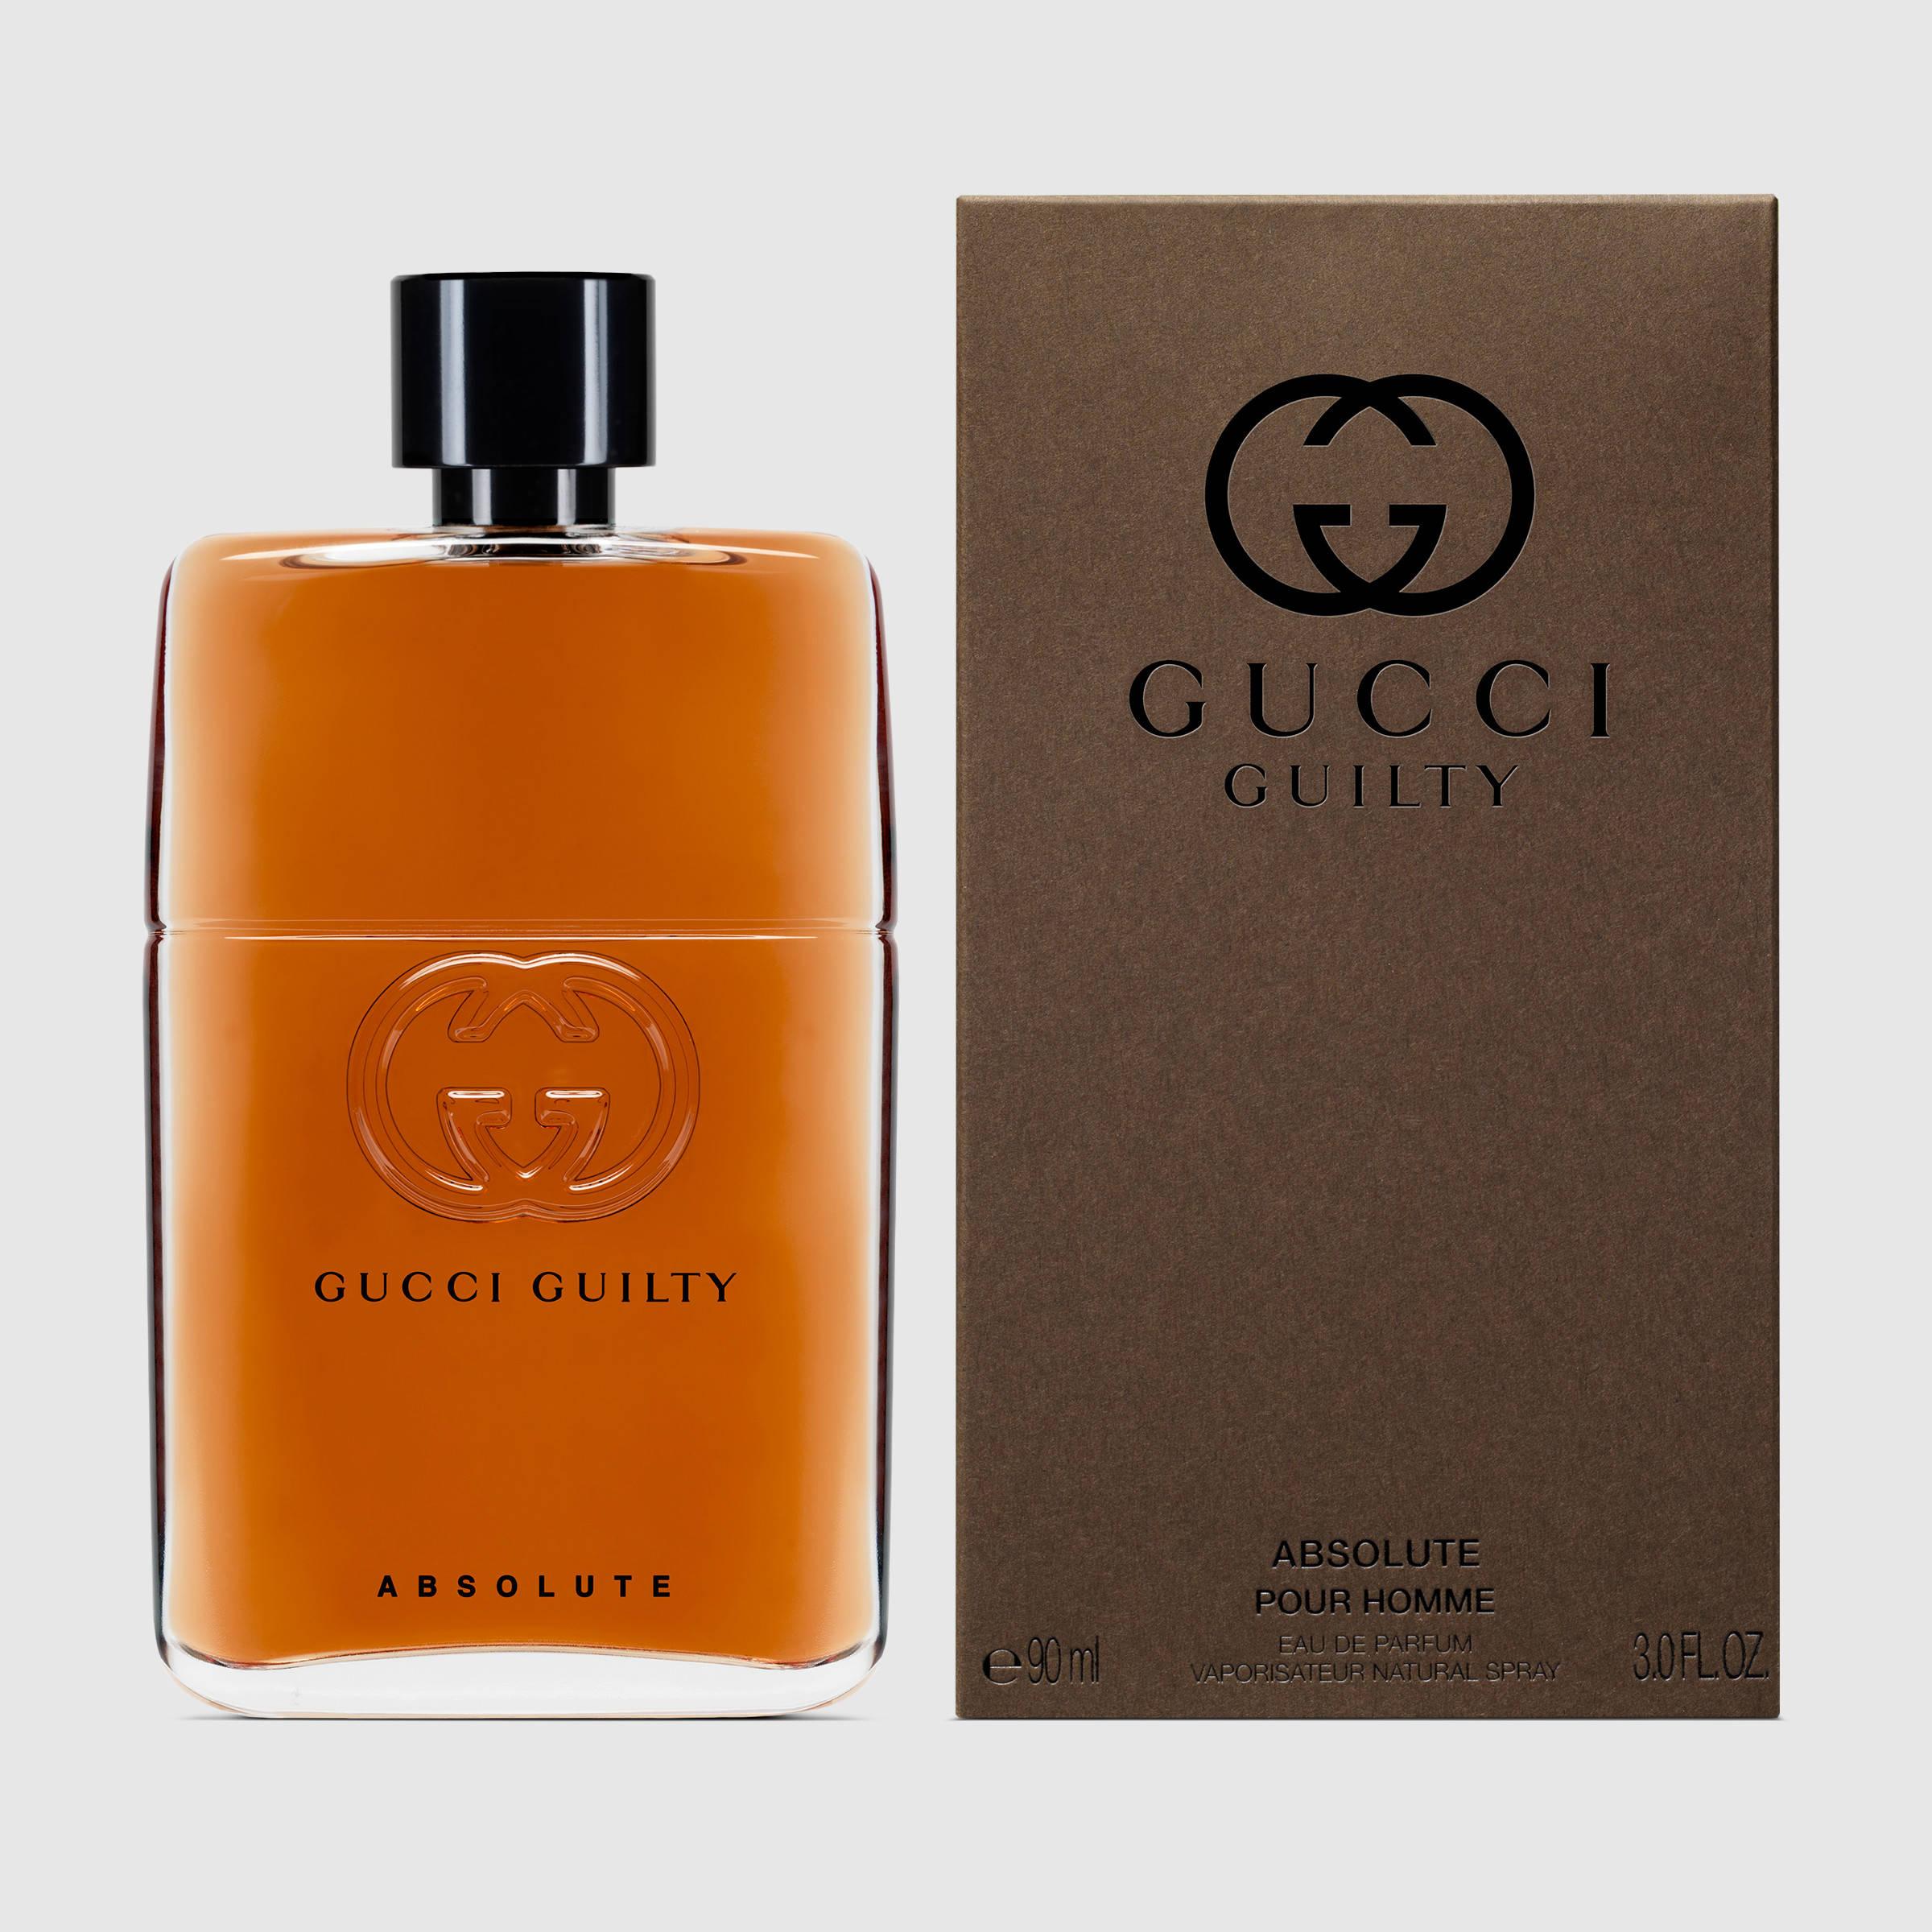 Gucci Gucci Guilty Absolute Pour Homme For Men купить в минске